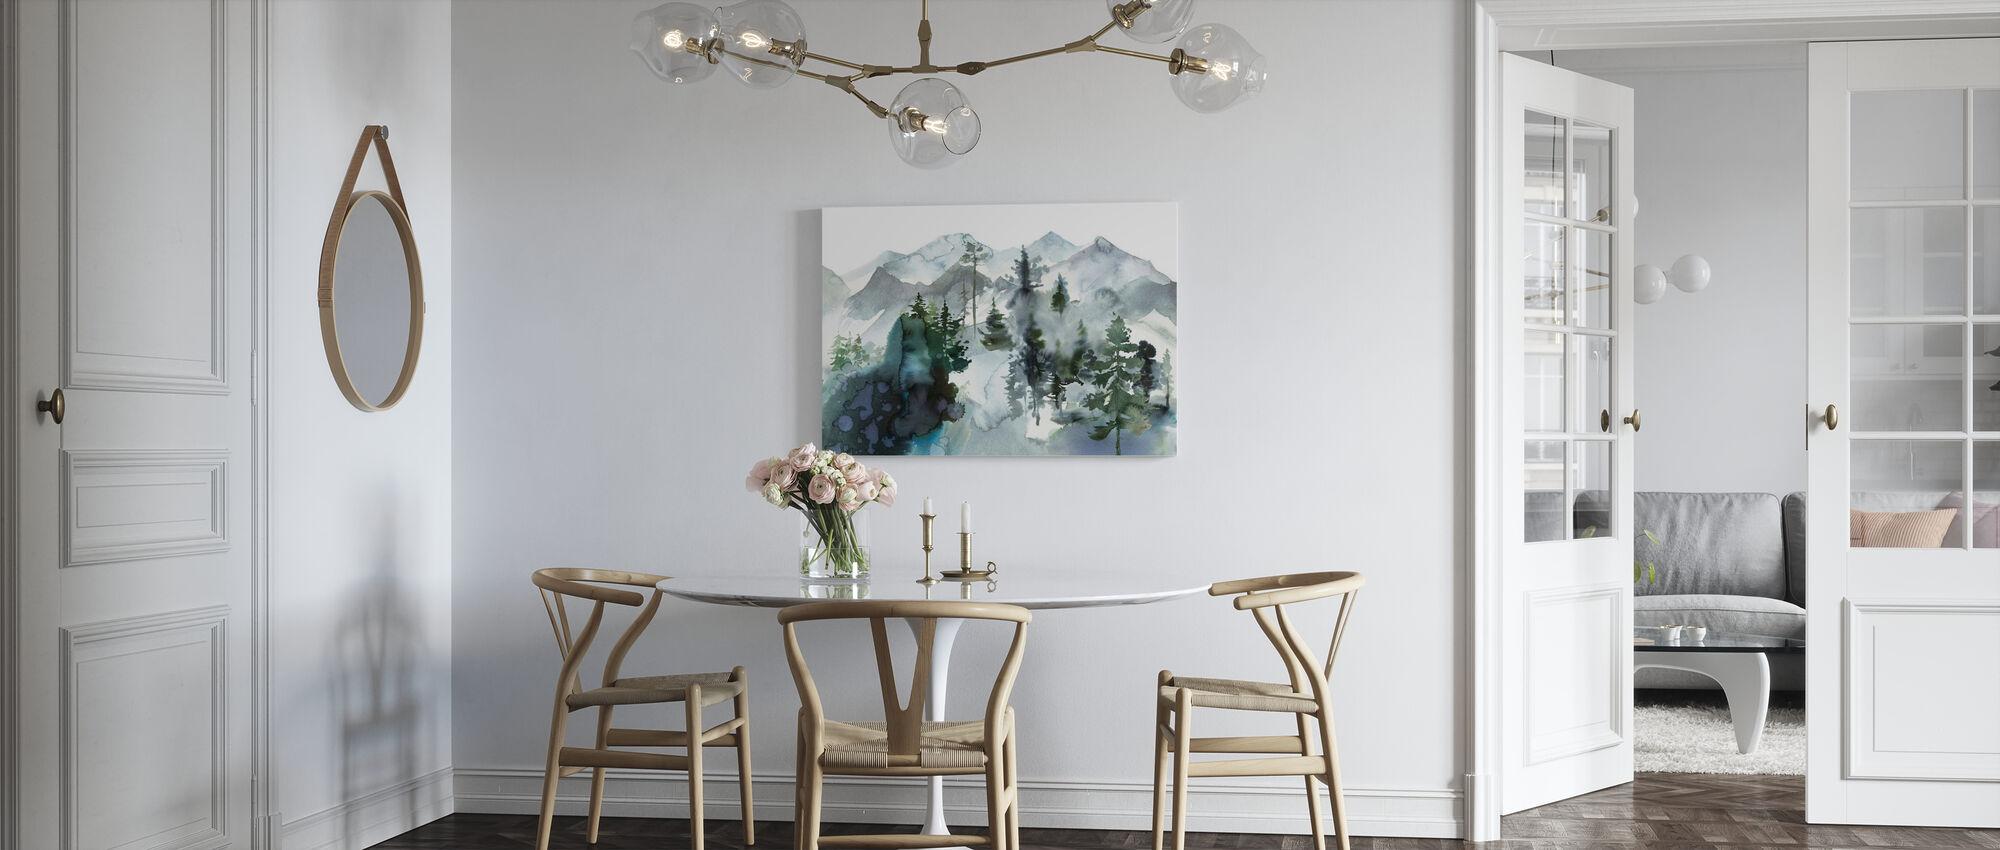 Akvarell Landskap - Canvastavla - Kök